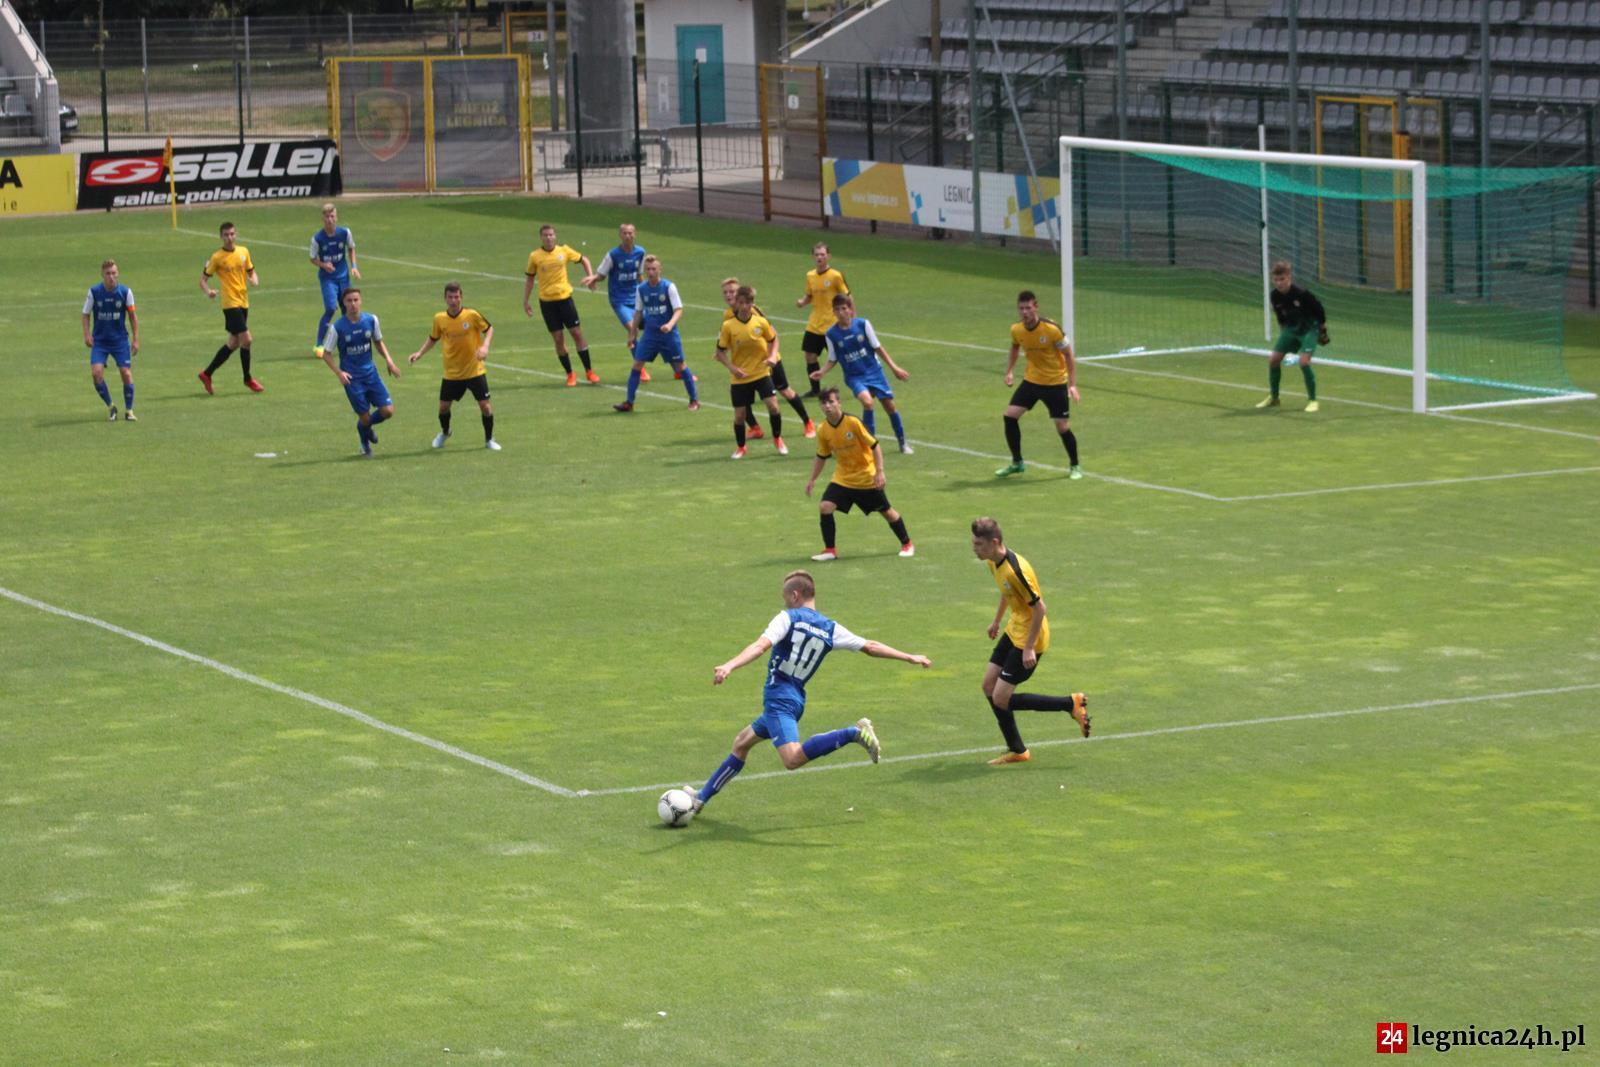 (FOTO) CLJ U17: Miedź przegrała z Falubazem Zielona Góra